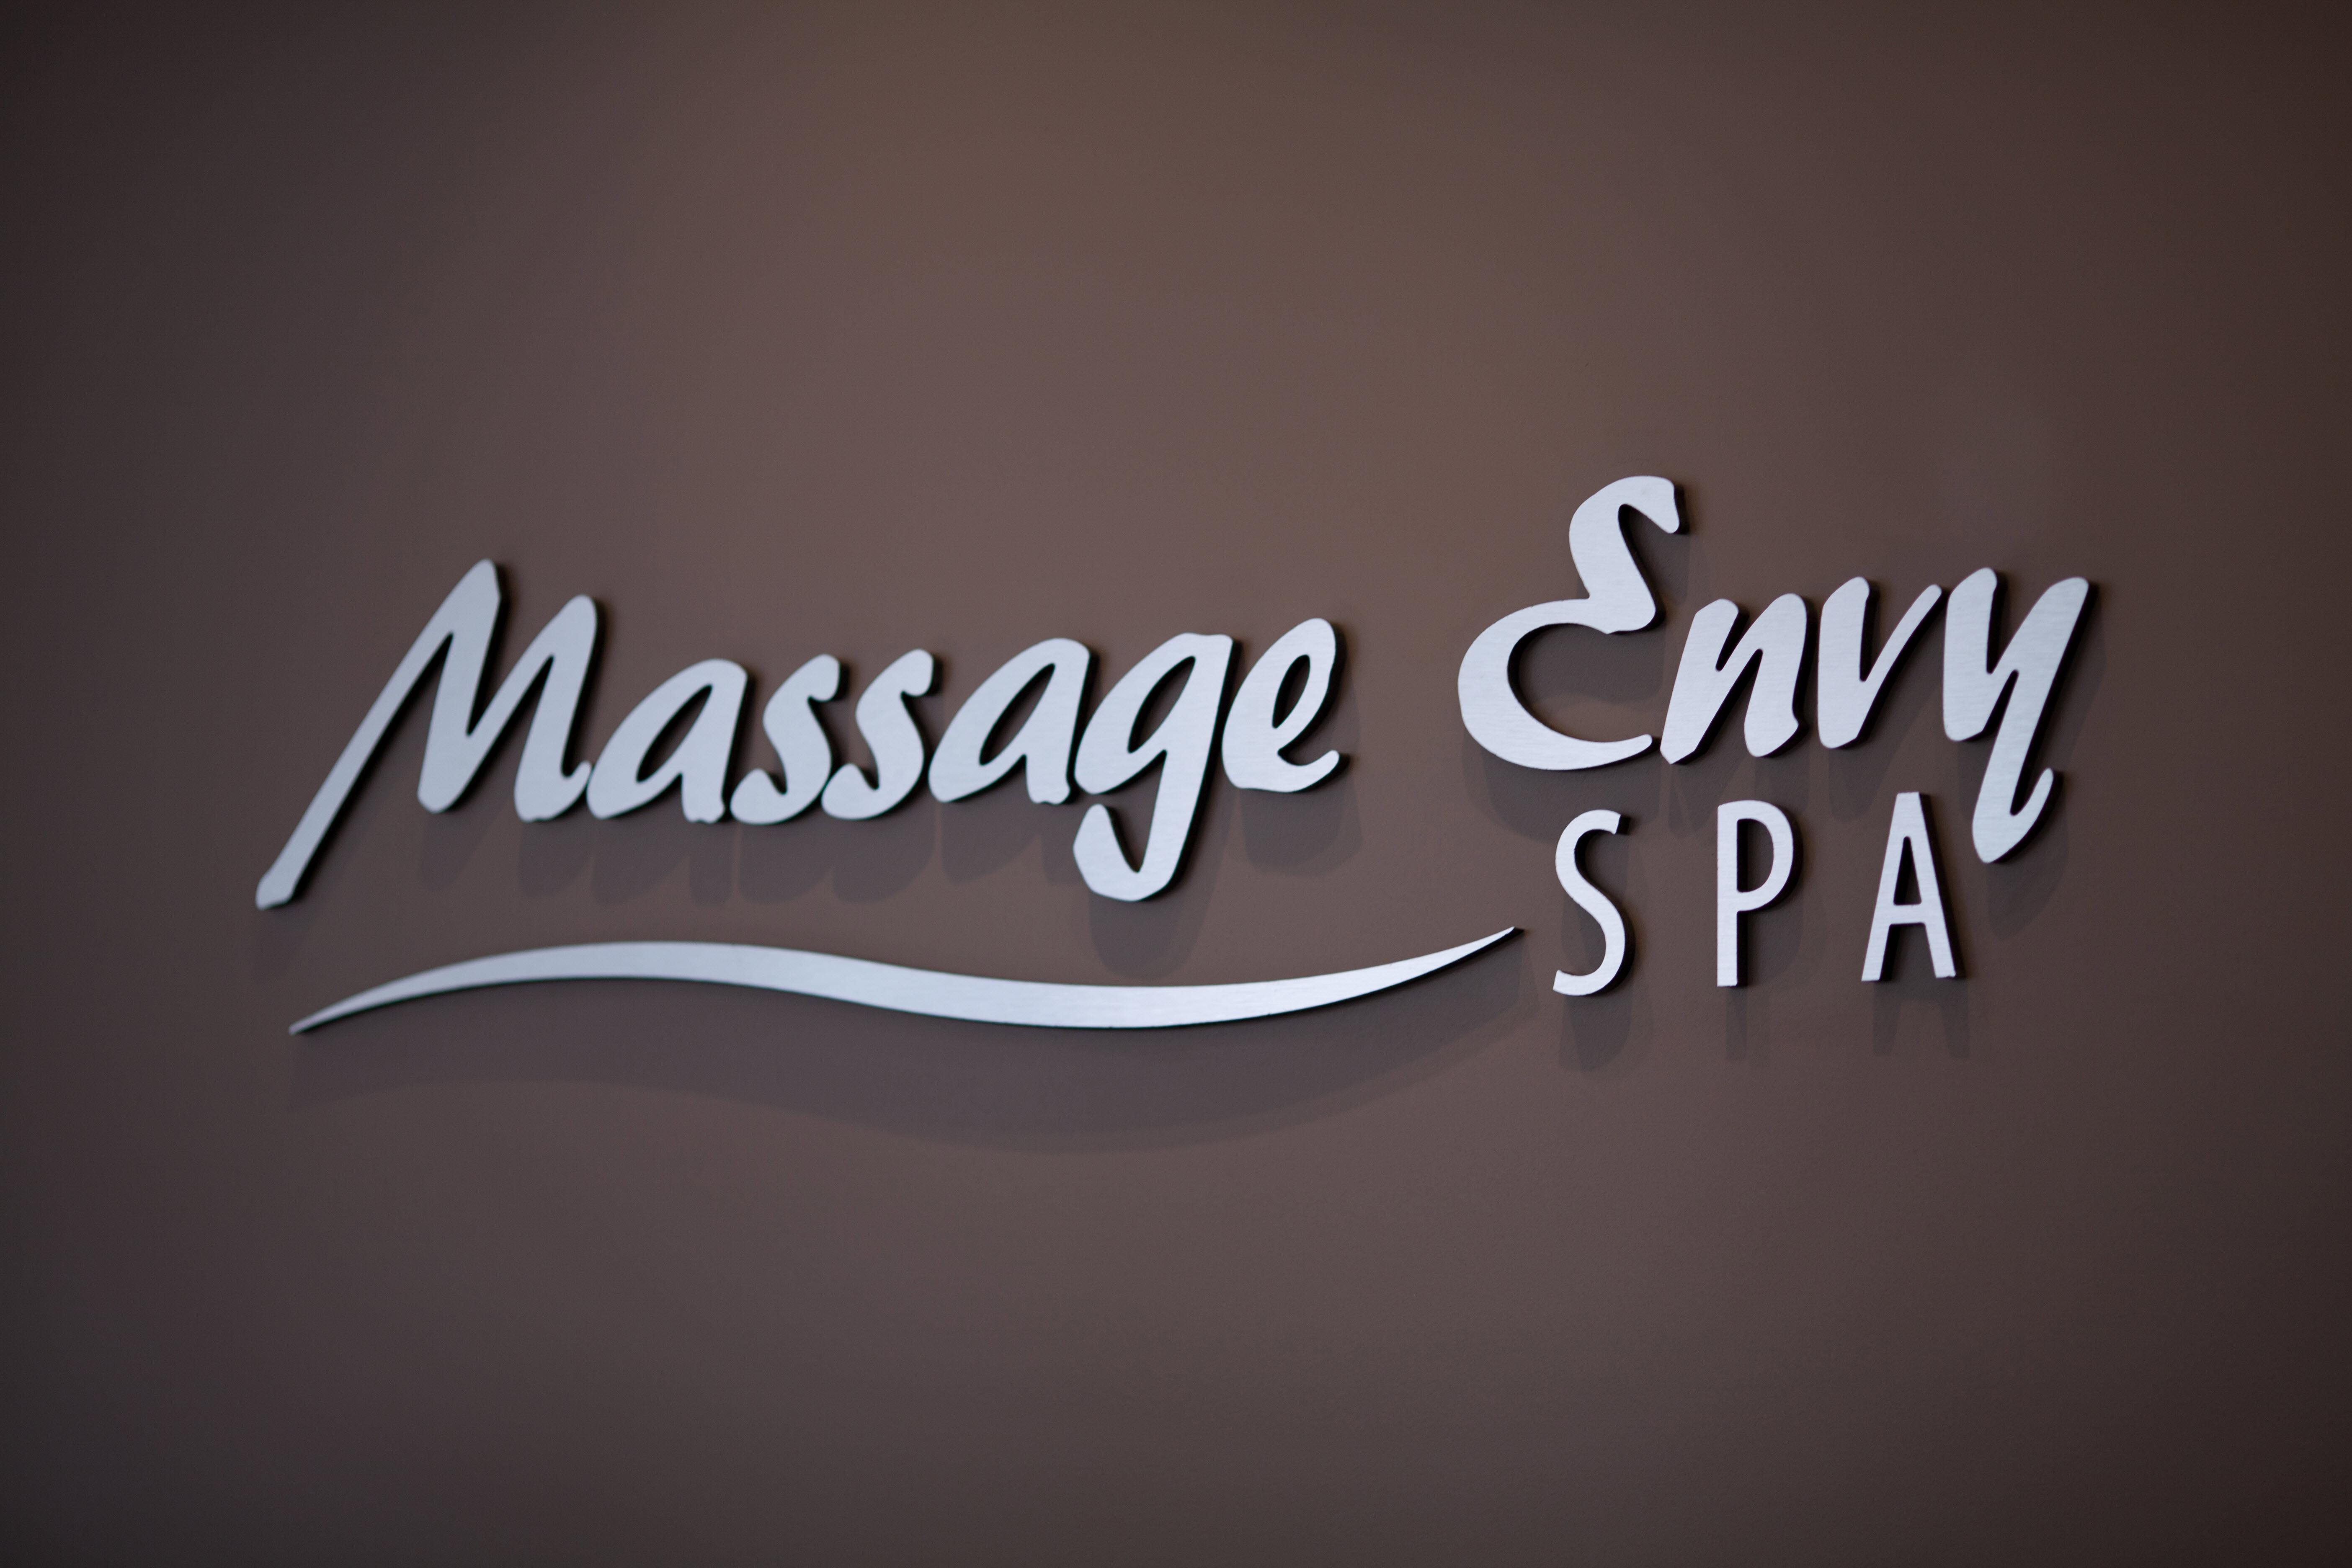 Massage Envy Spa - Cranberry